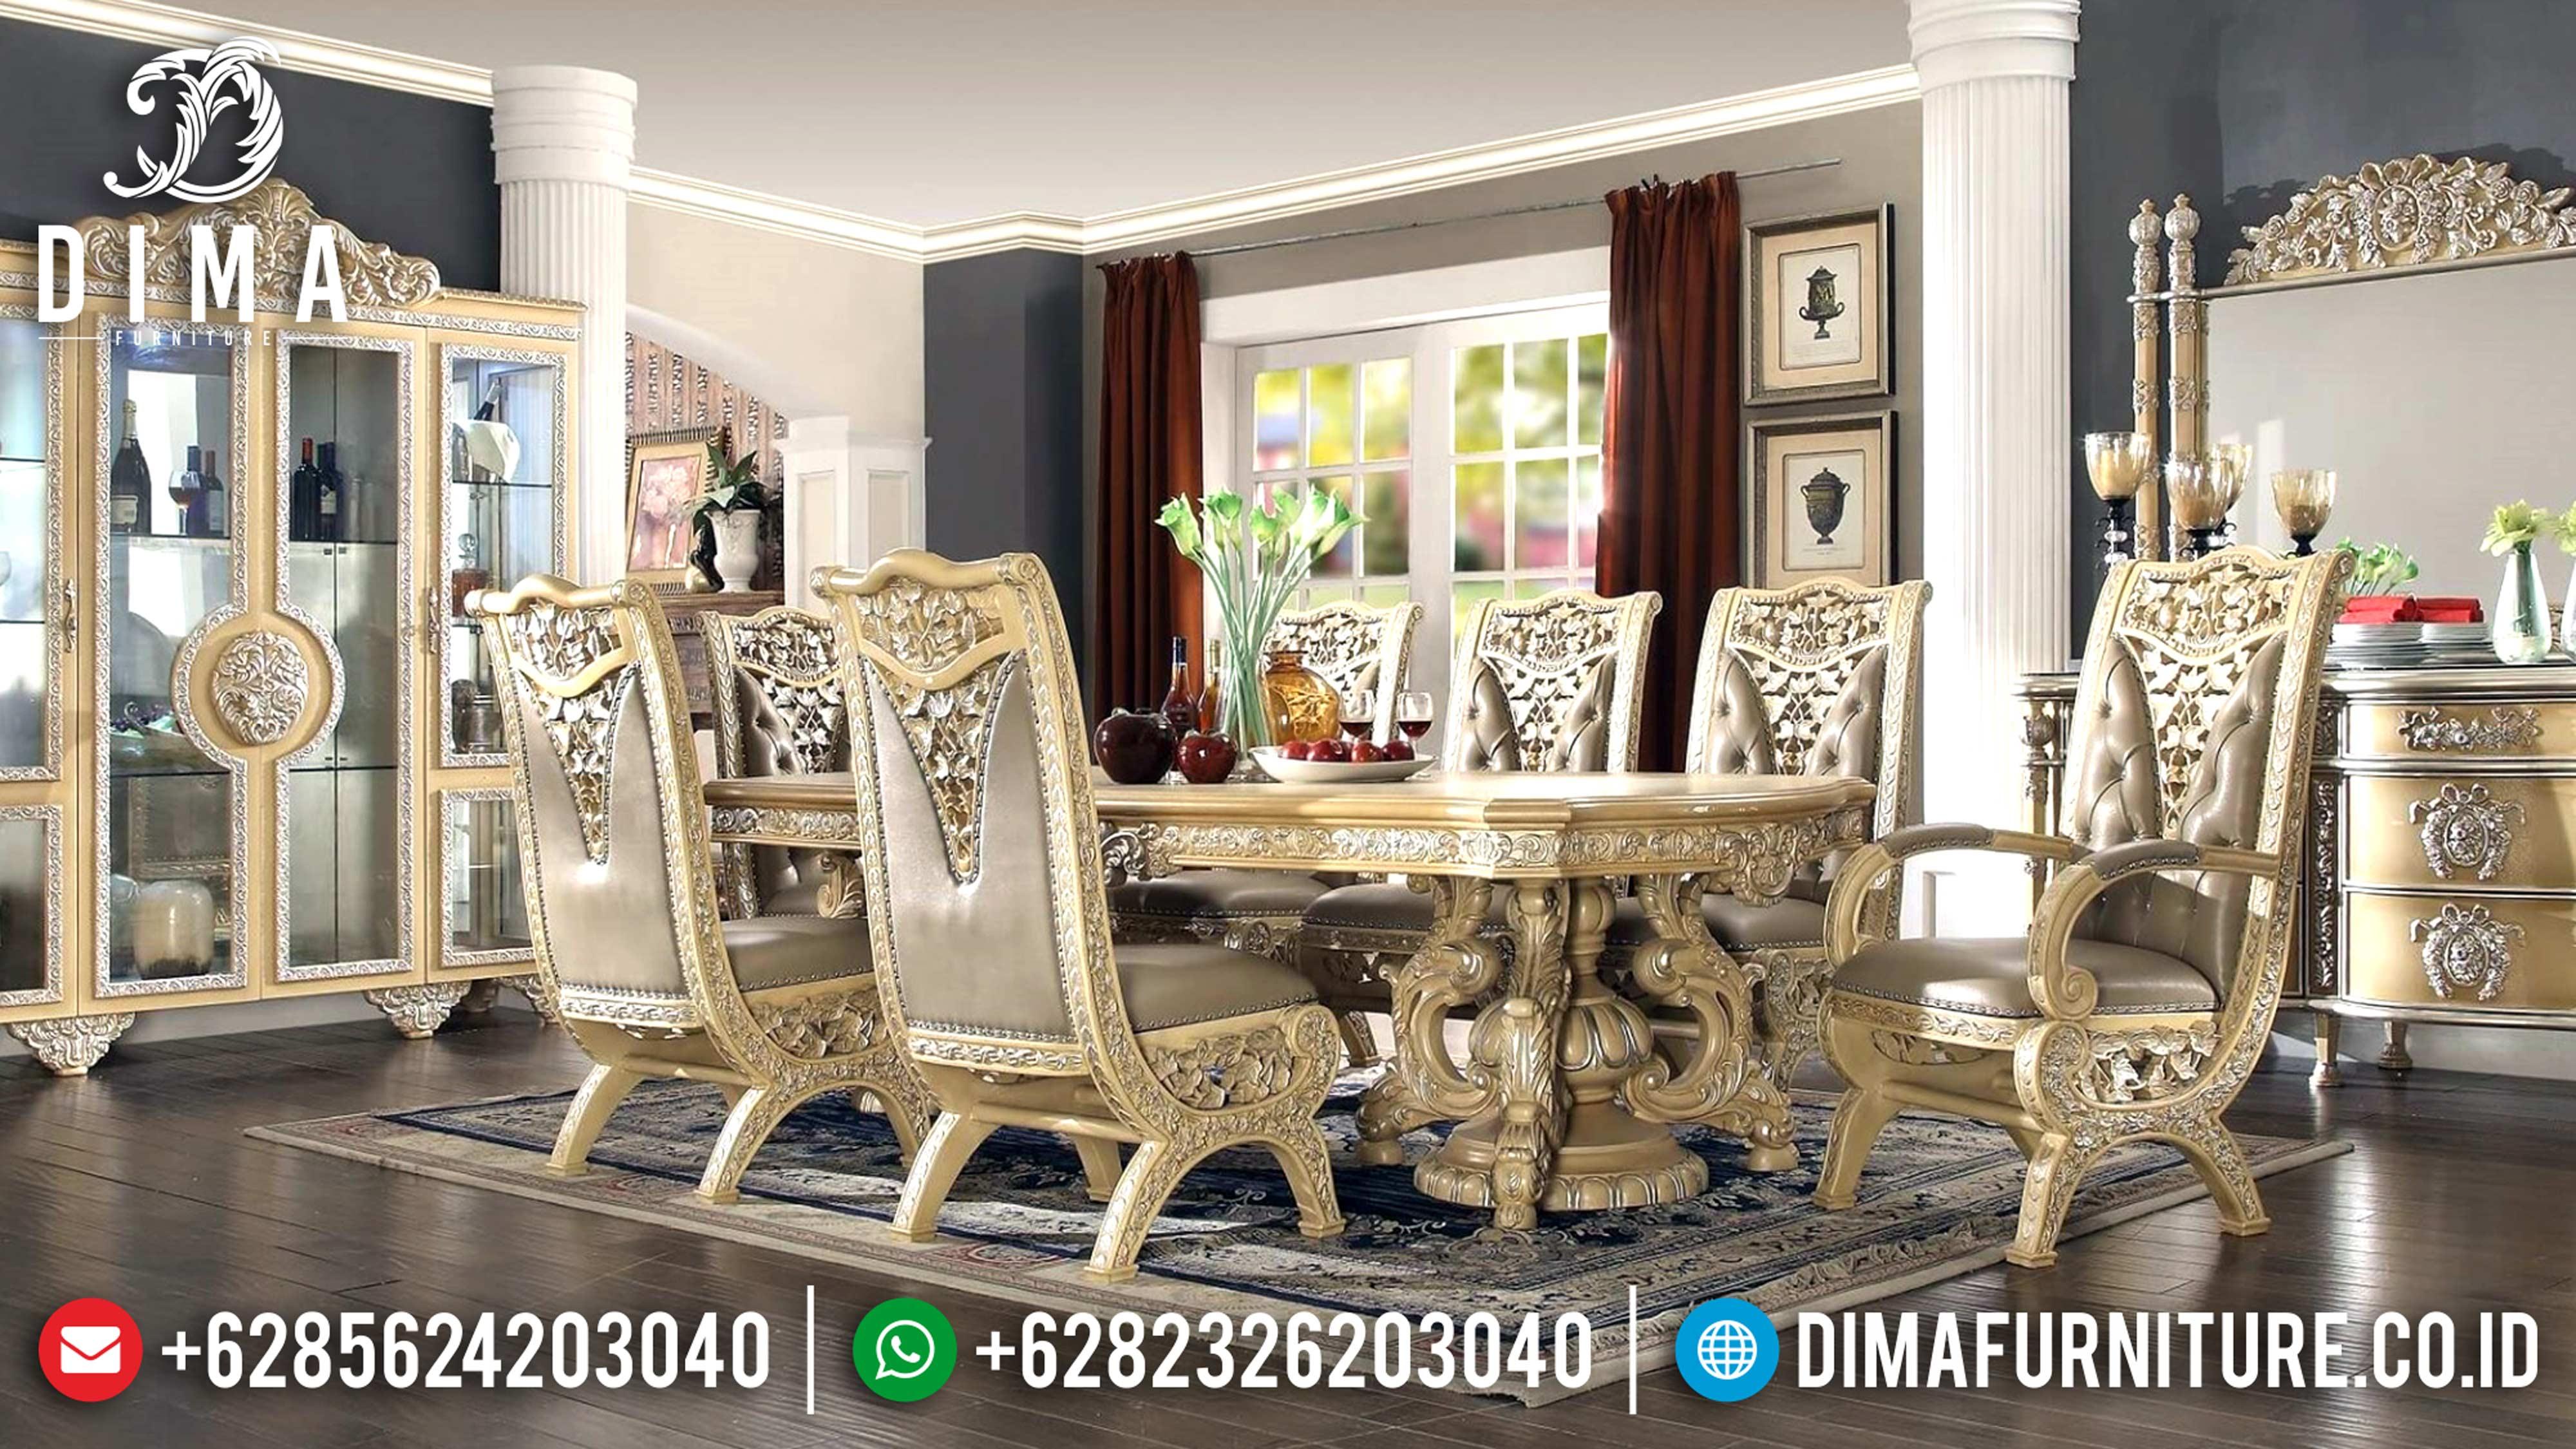 Klasik Furniture Meja Makan Mewah Jepara Ukir Seri Casabella DF-0594